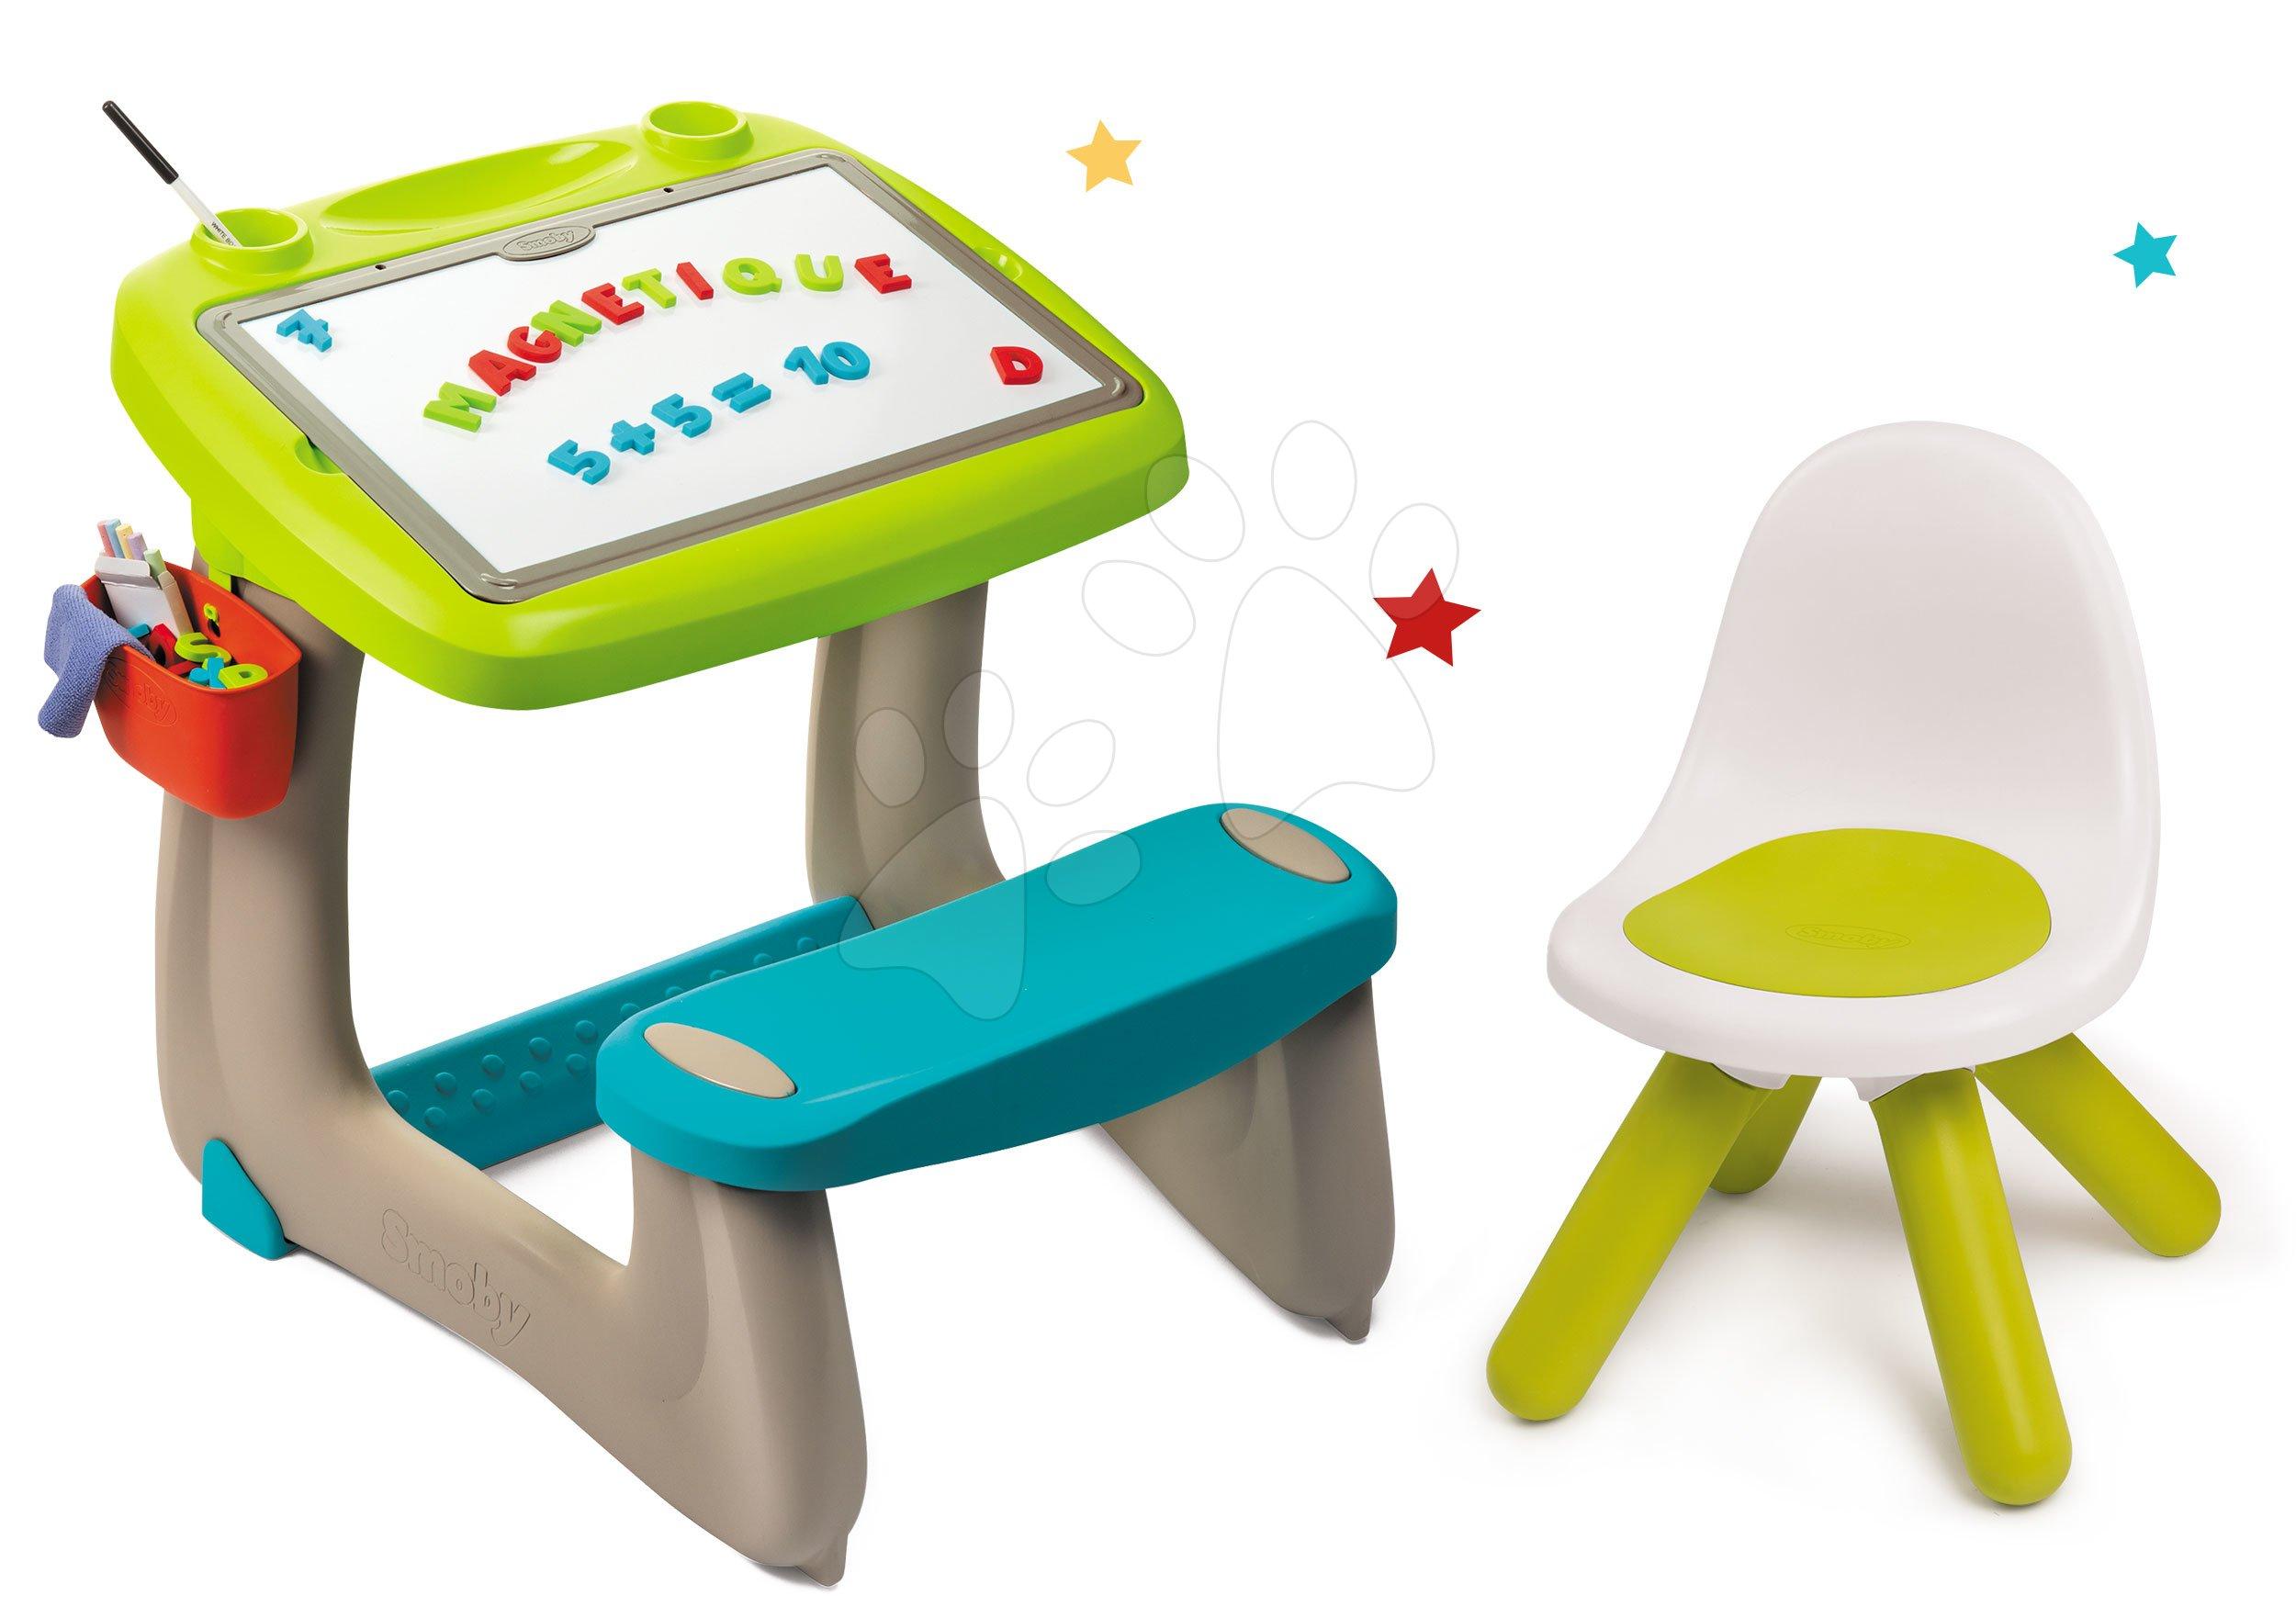 Set lavice na kreslení a magnetky Little Pupils Desk Smoby s oboustrannou tabulí a židle Kid zelená